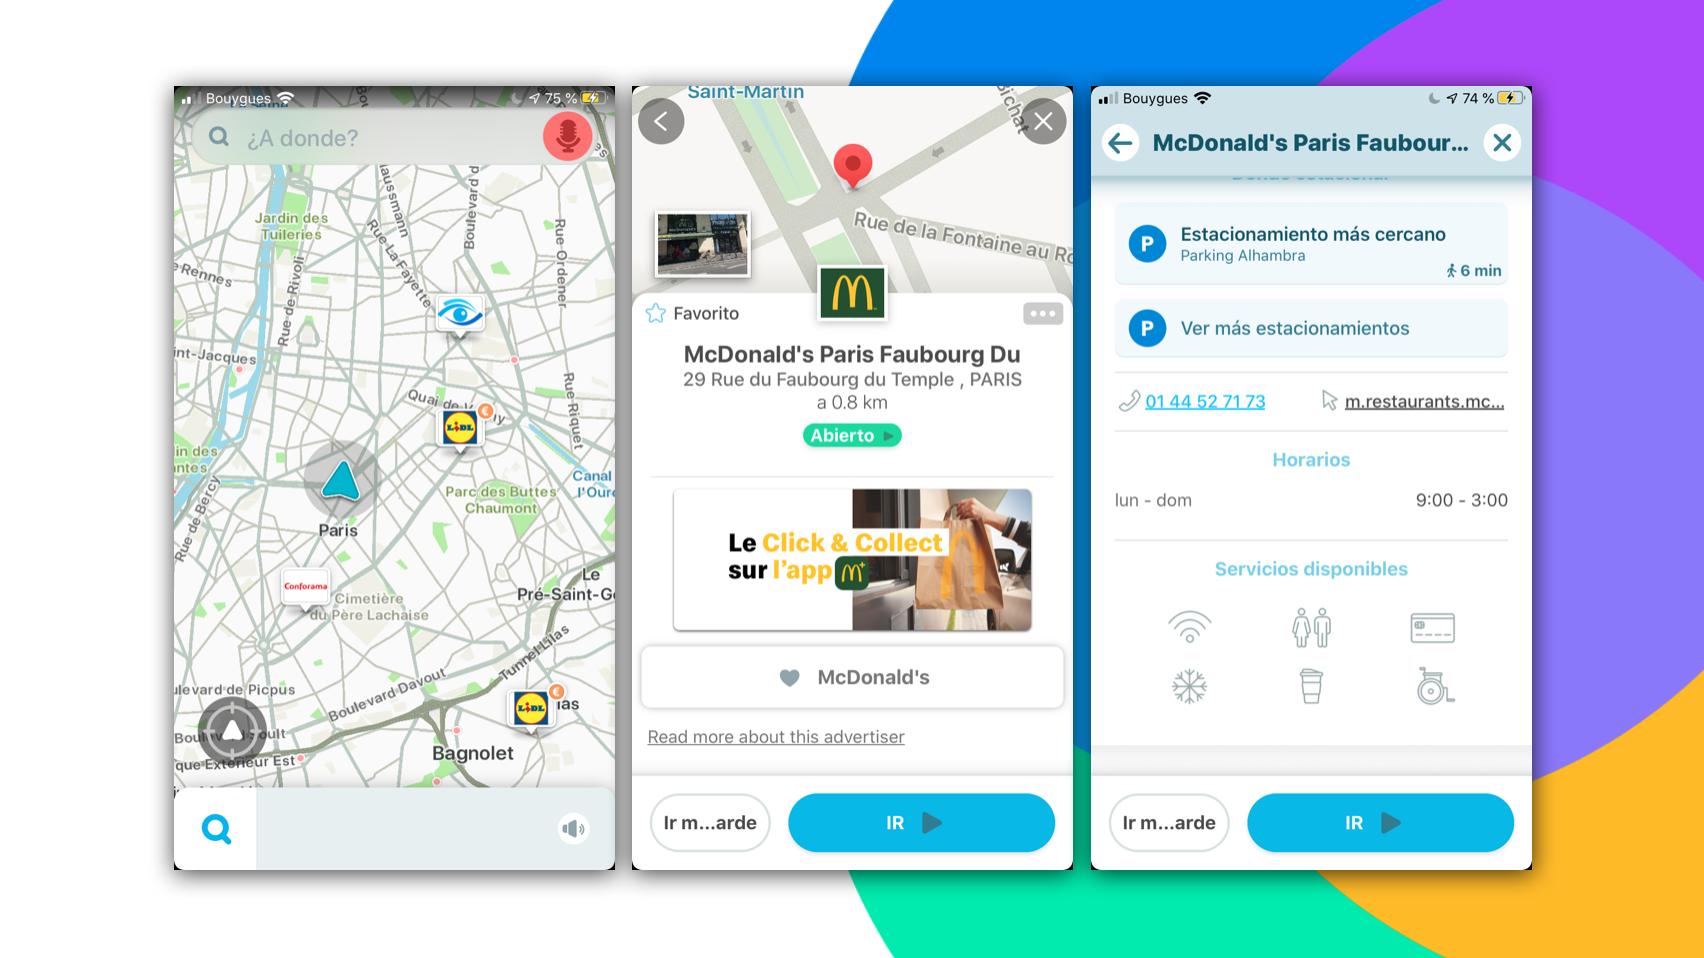 visualización de establecimientos dentro del trayecto dirigido desde la plataforma Waze